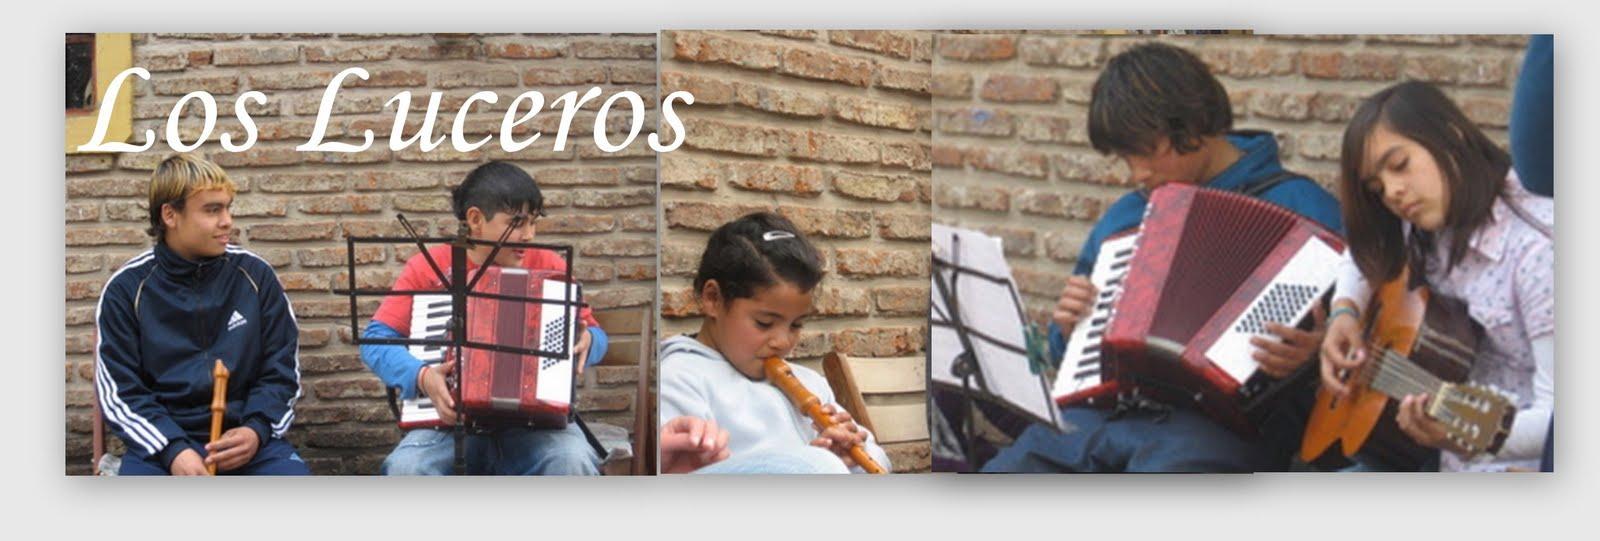 Los Luceros